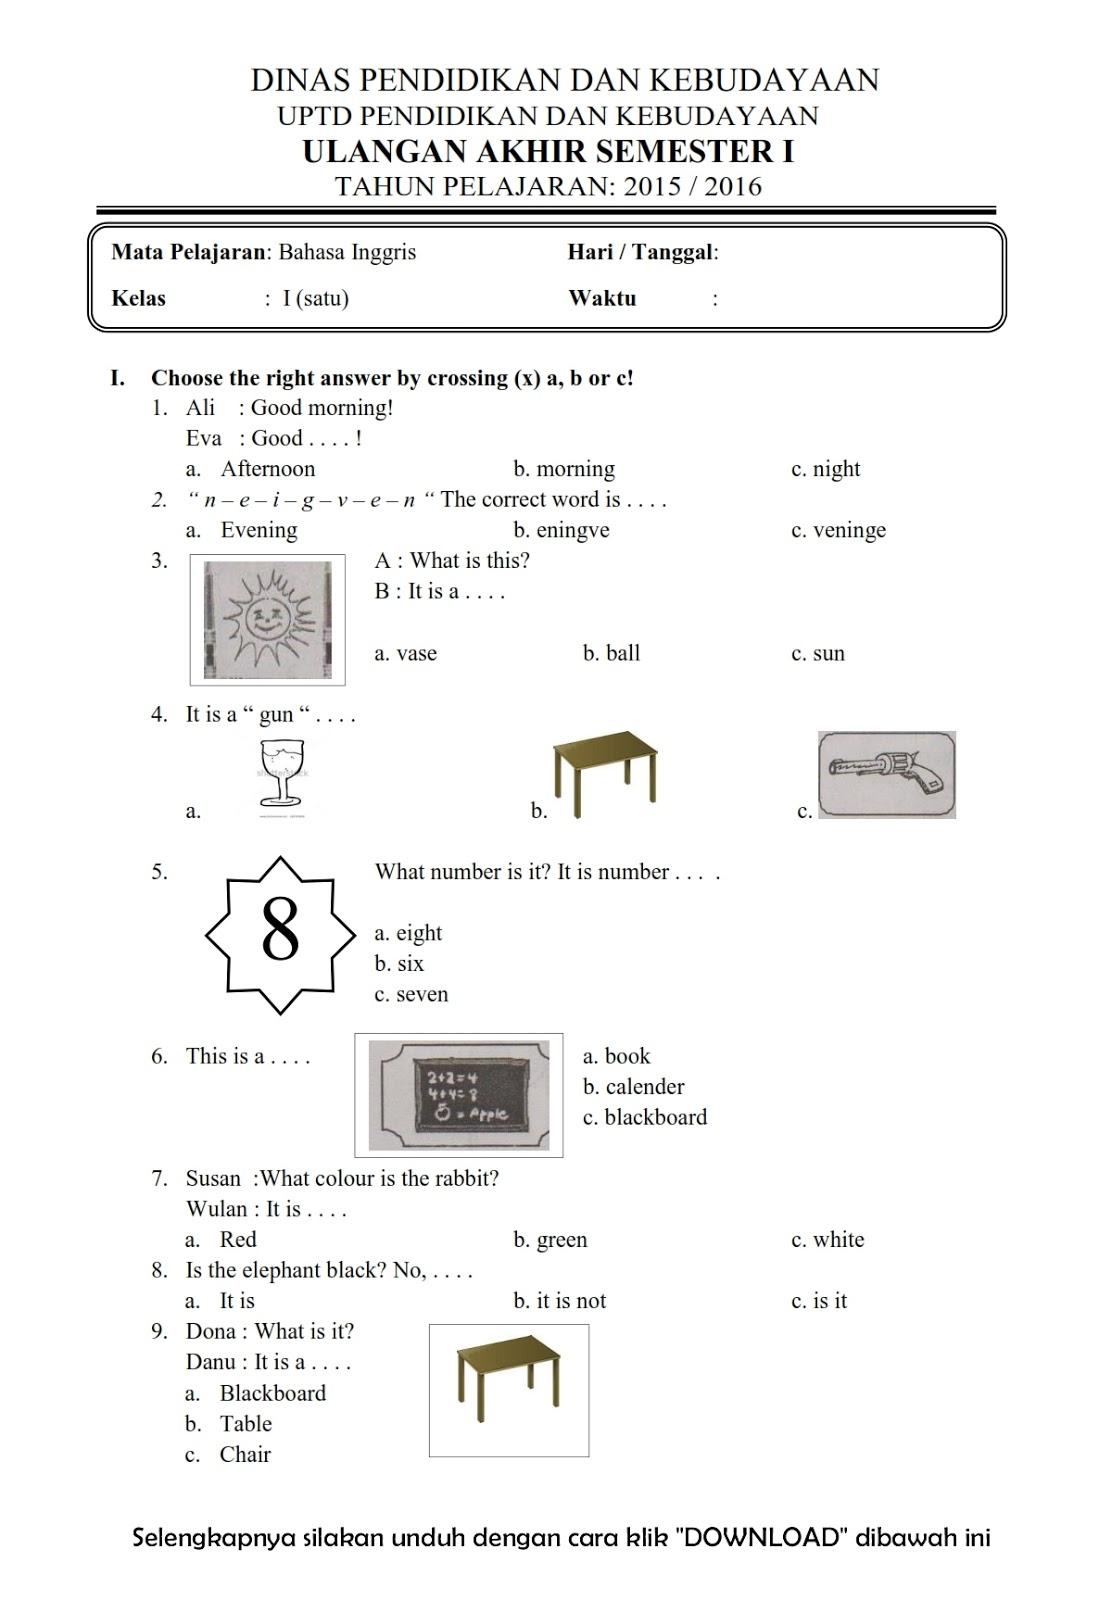 Download Soal Uas Ganjil Bahasa Inggris Kelas 1 Semester 1